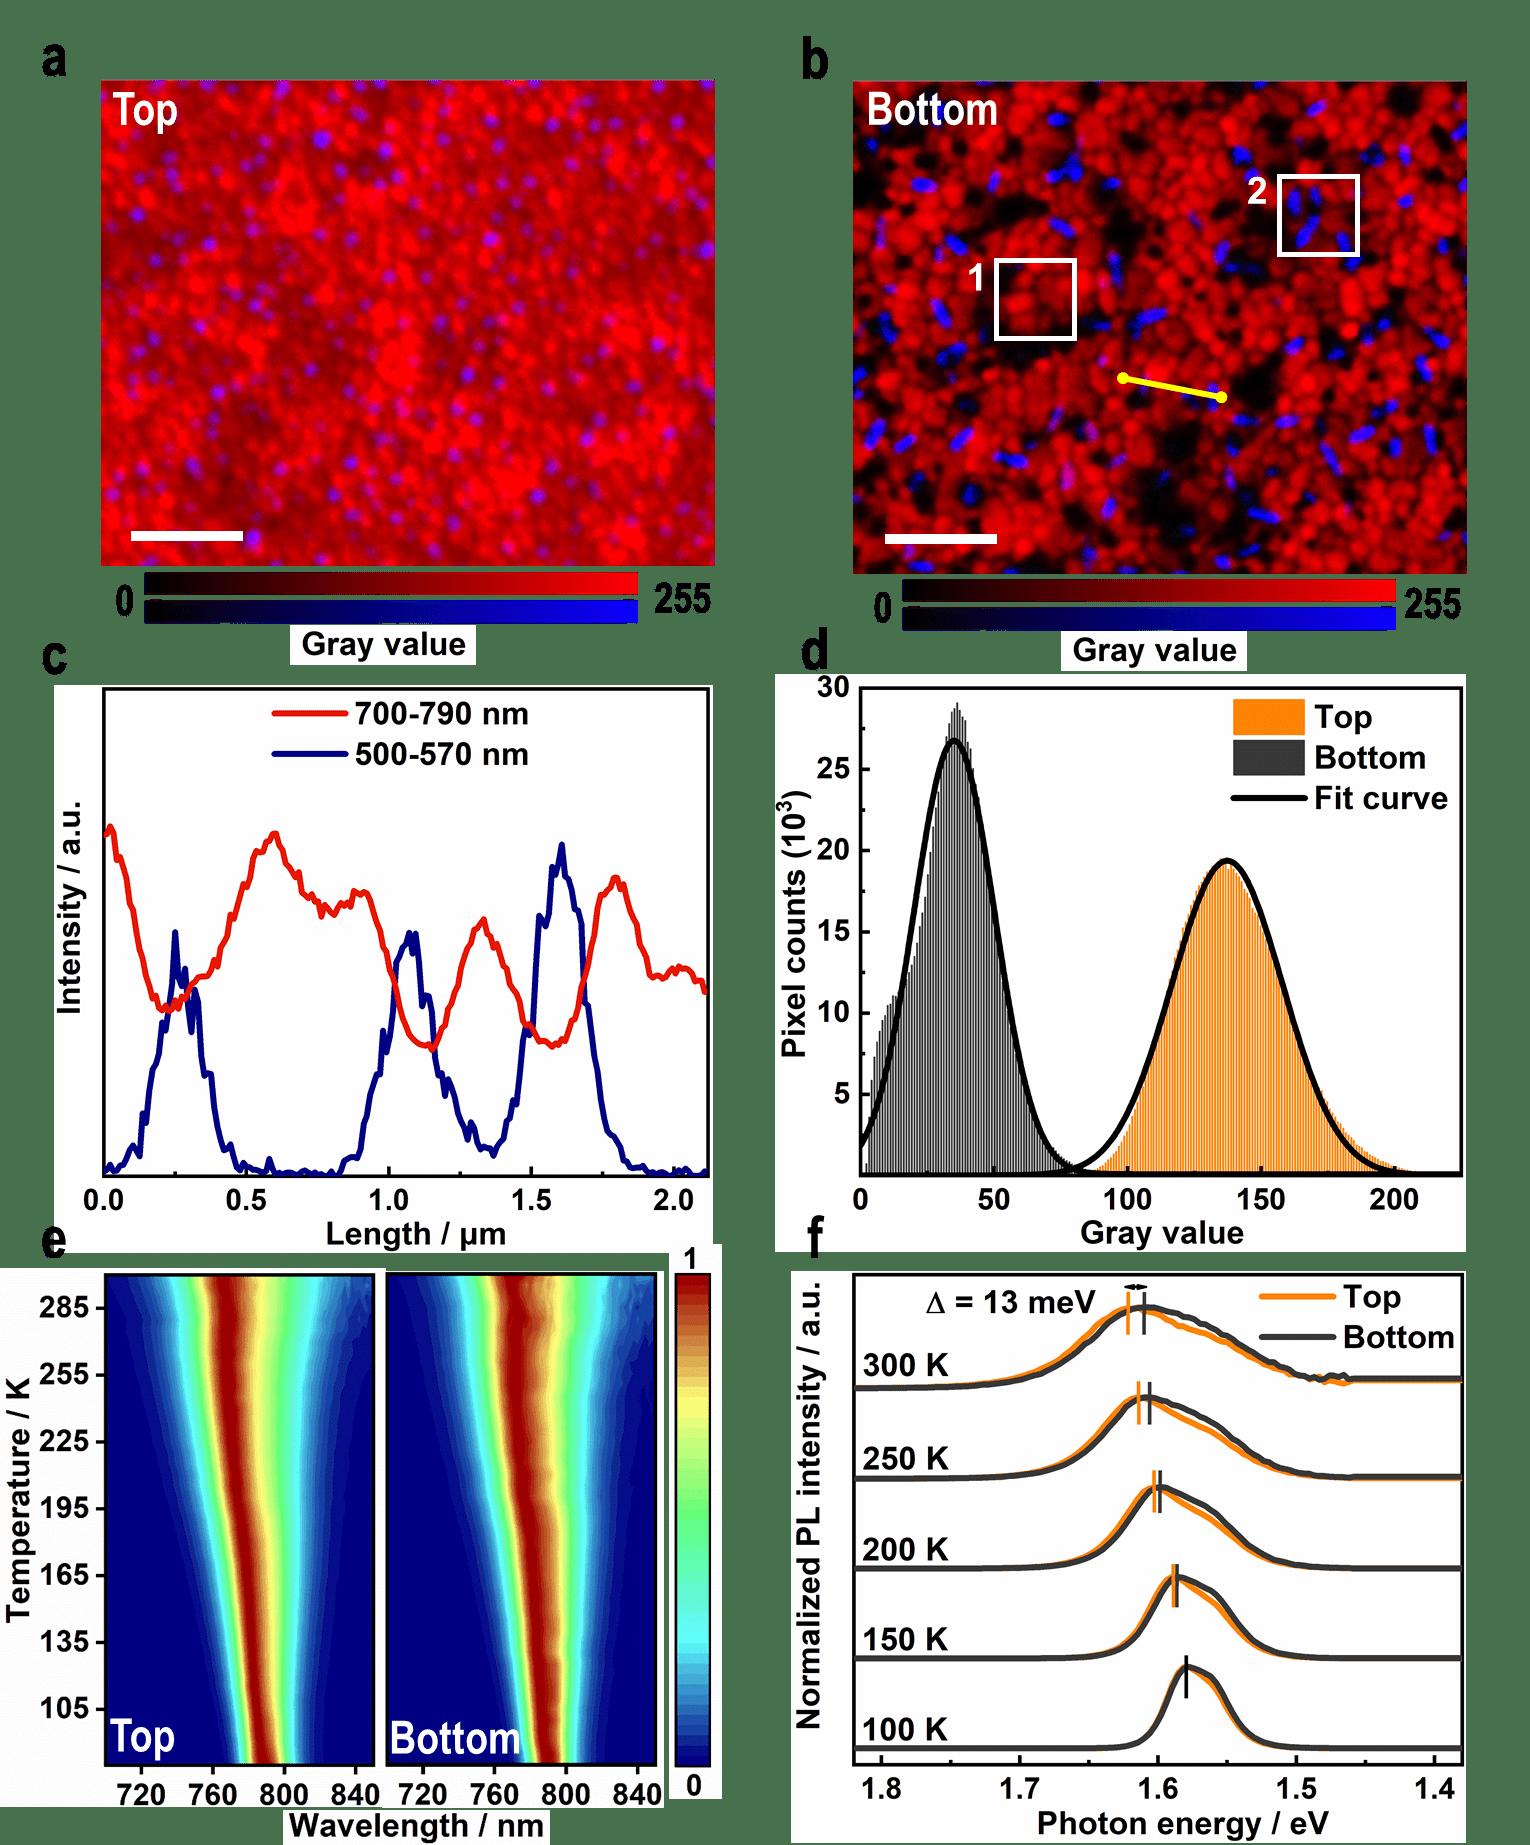 图4. 钙钛矿多晶薄膜顶面与底面的变温荧光及多通道荧光成像